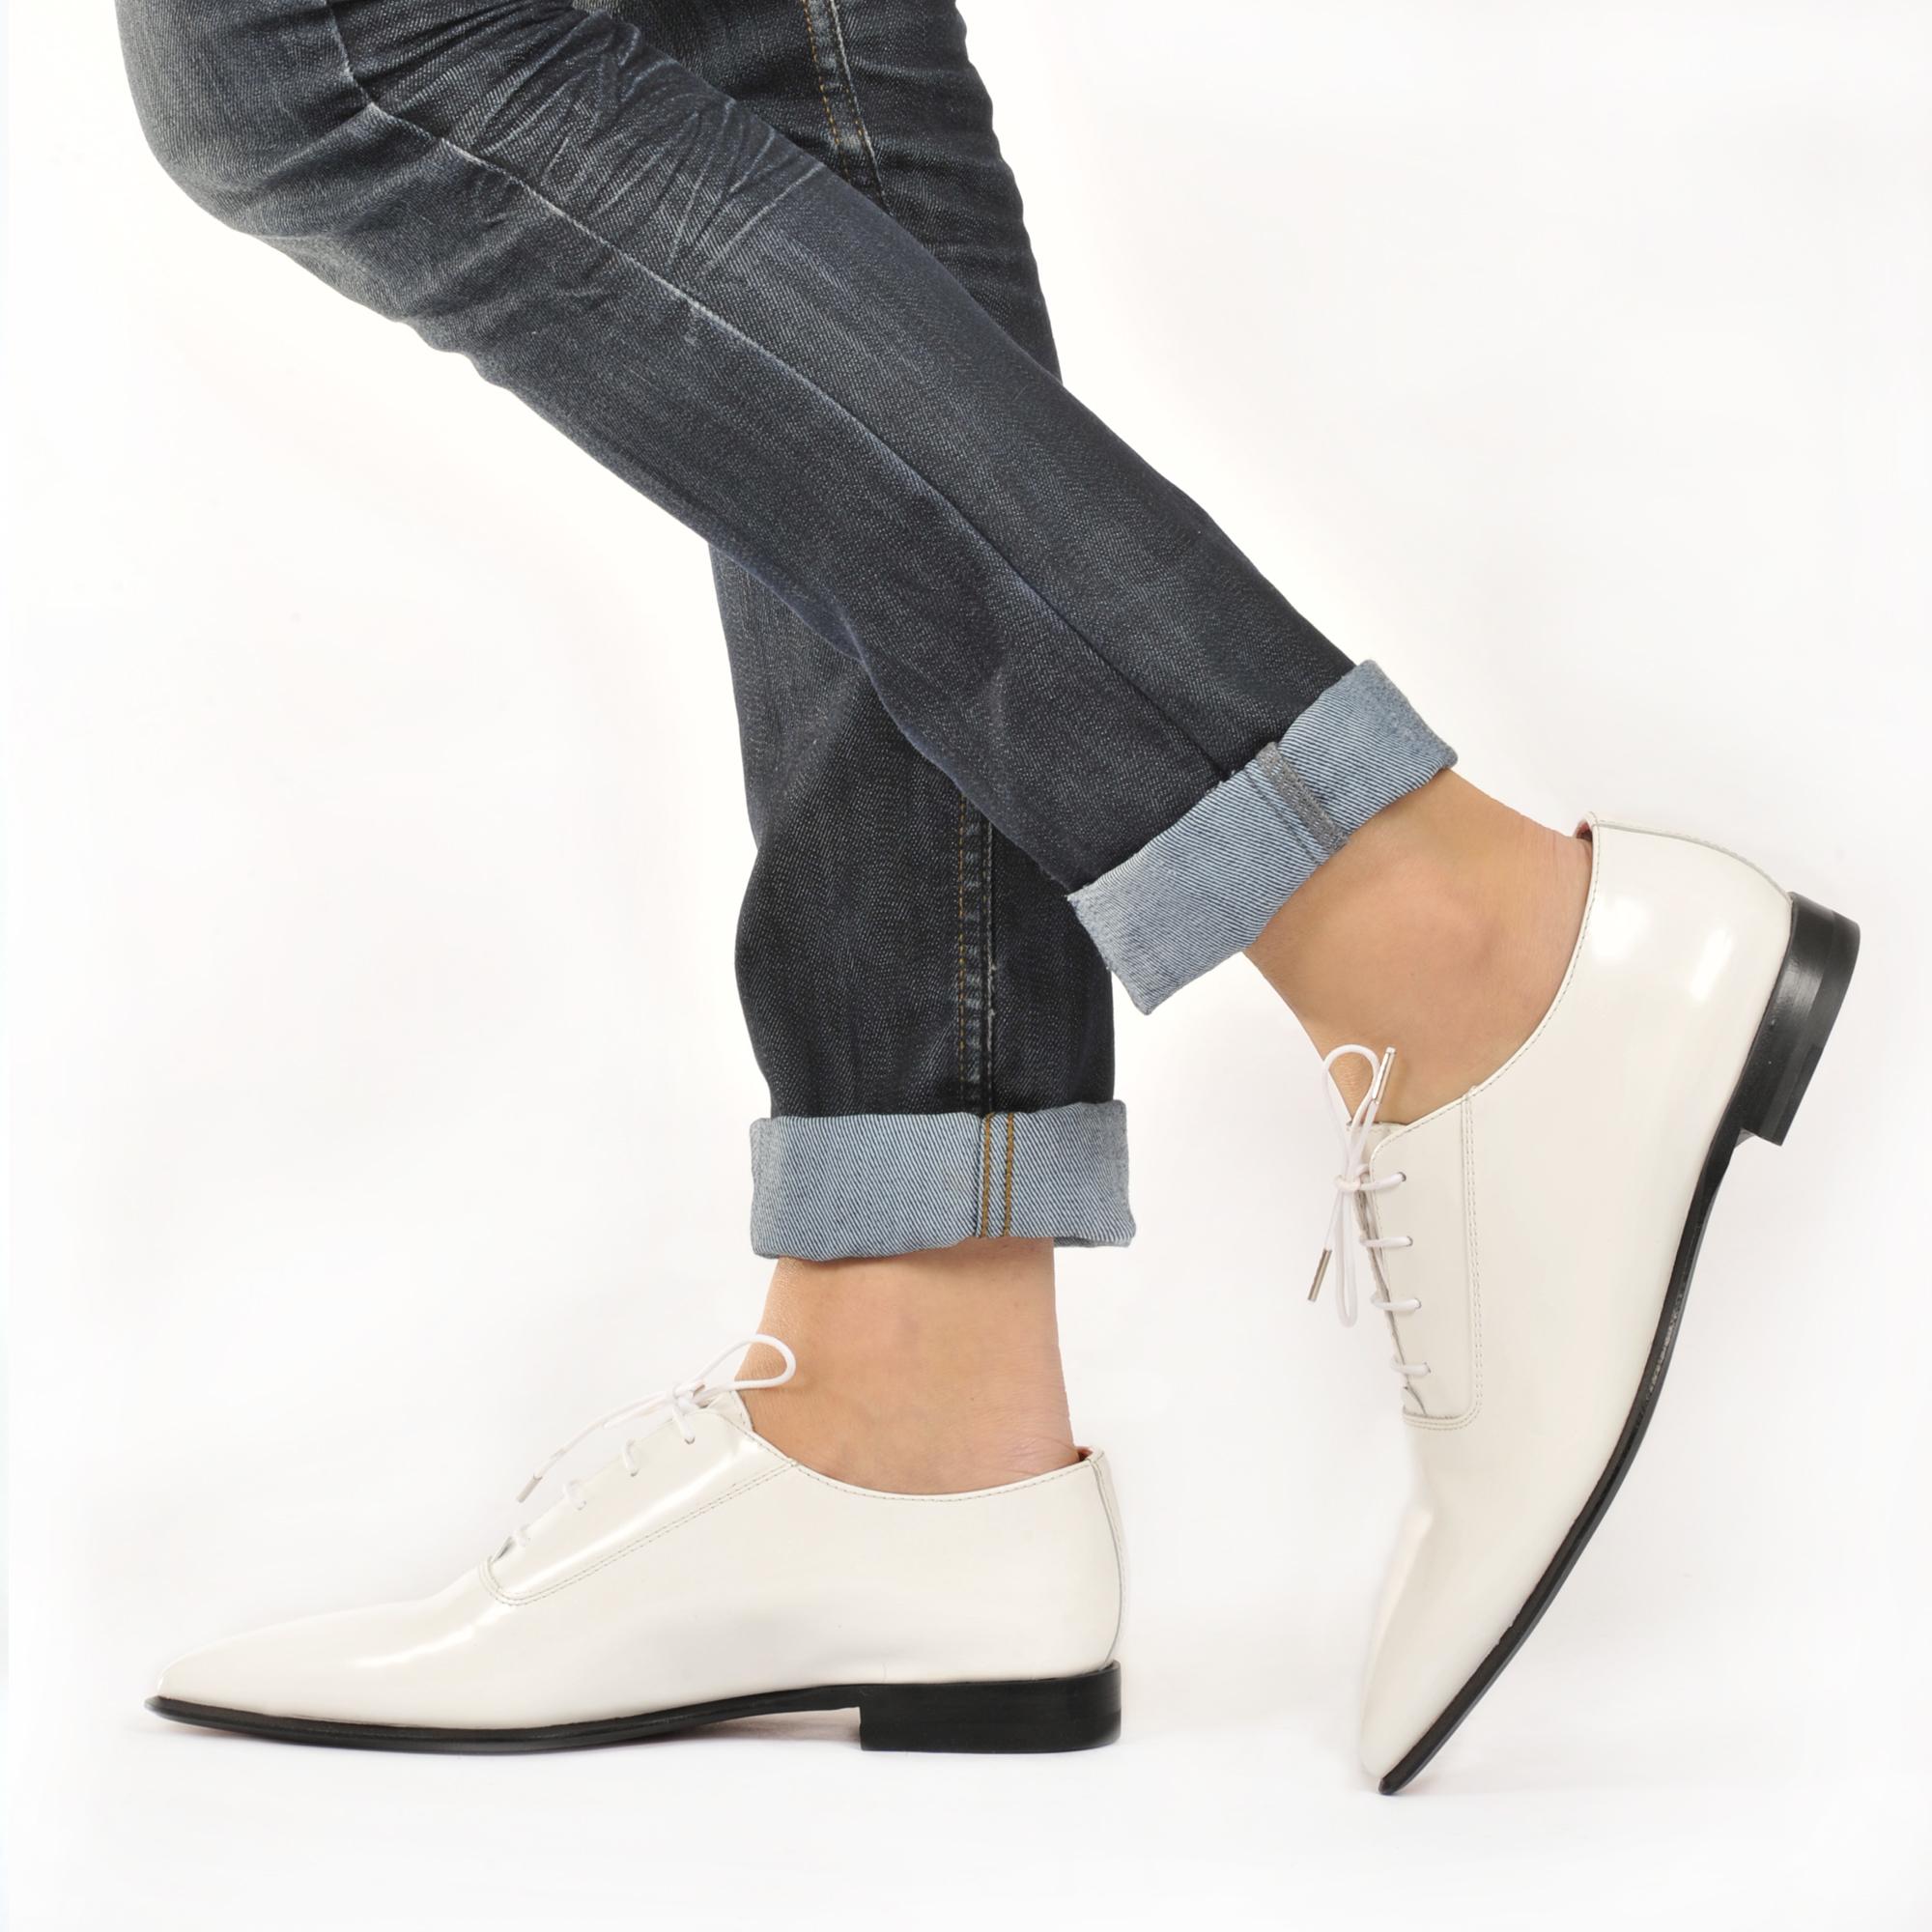 Acne Studio Shoes Size